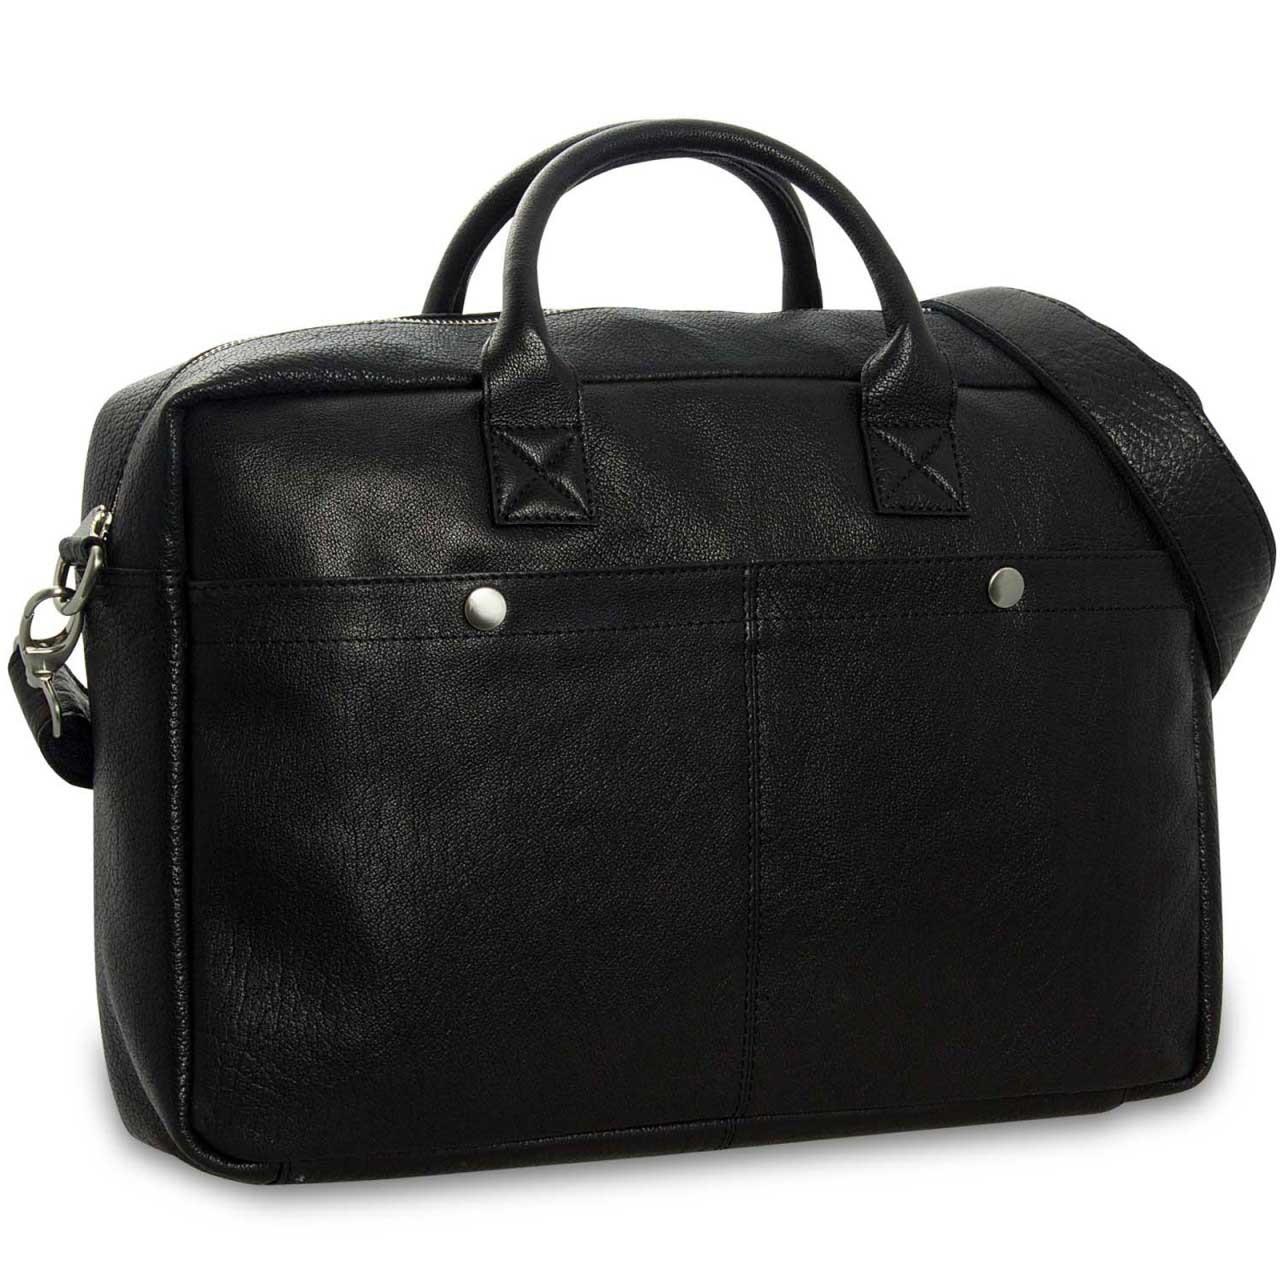 STILORD Umhängetasche Messenger Bag für Akten Ordner Groß 17.3 Zoll Laptop Tablet Tasche aus Leder schwarz  - Bild 2